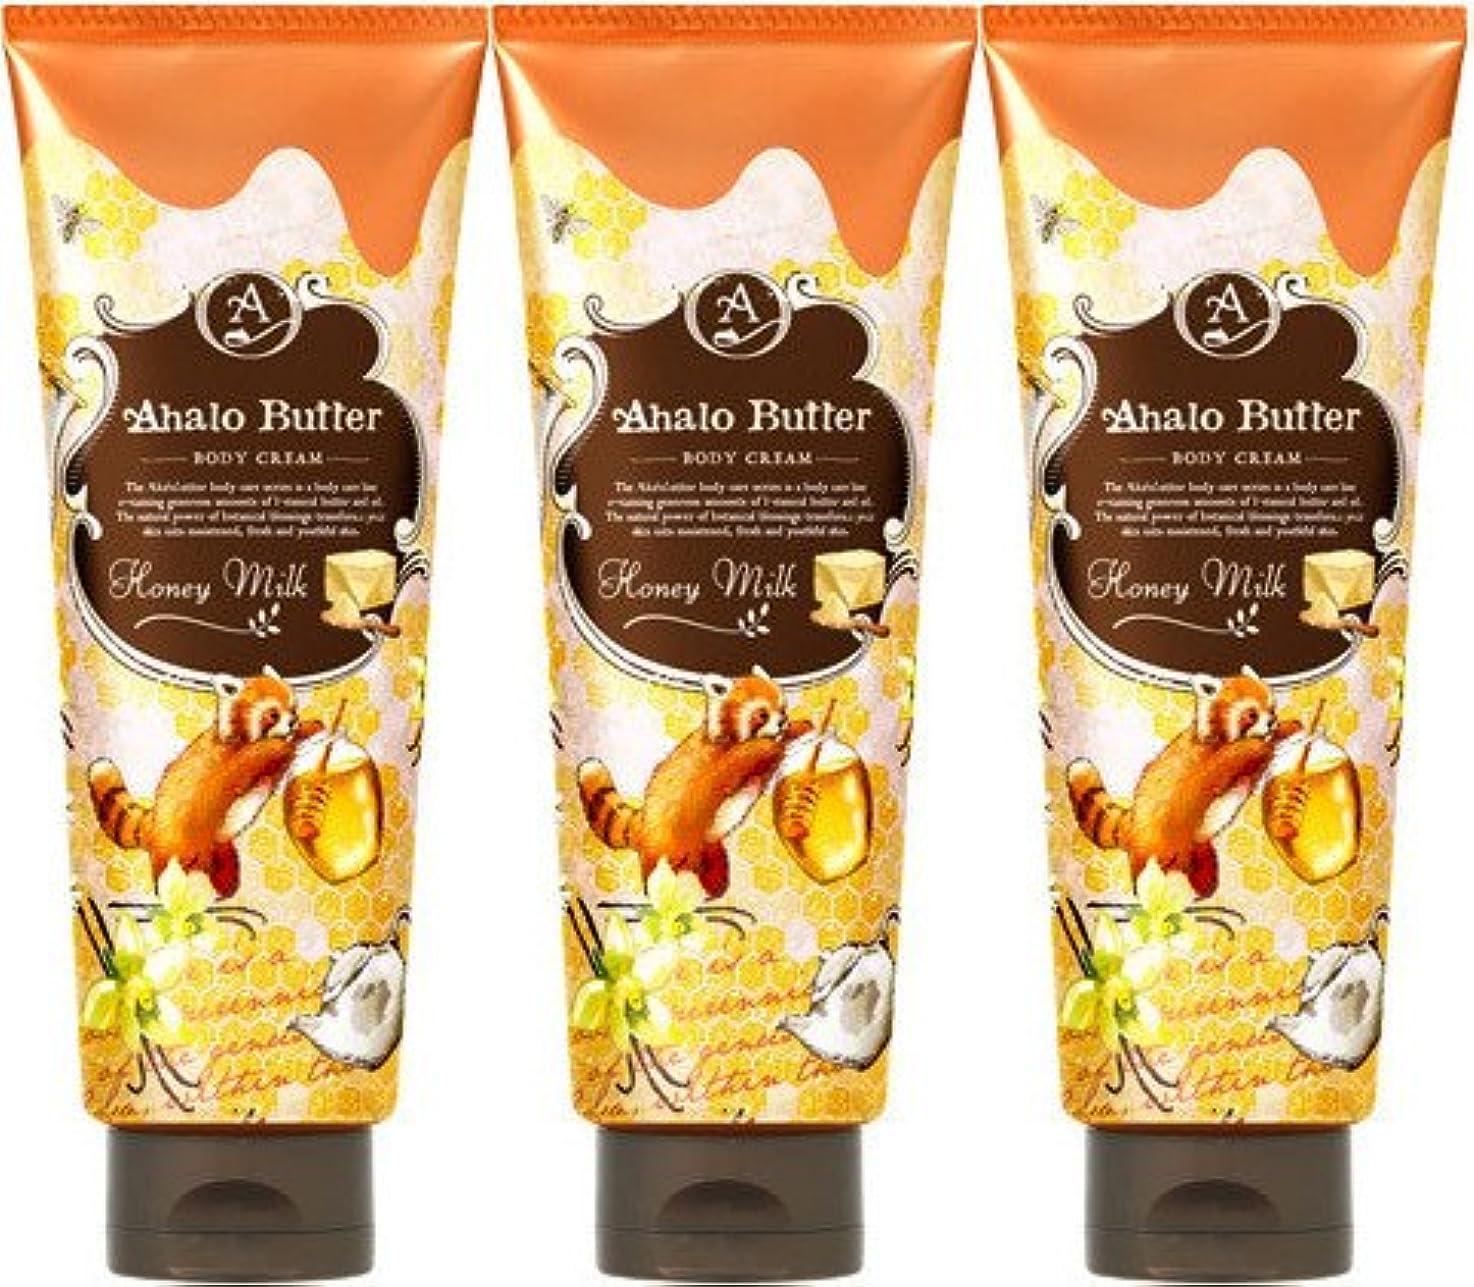 オーロック緊張絶壁【3個セット】Ahalo butter(アハロバター) ボディクリーム ハニーミルク 150g